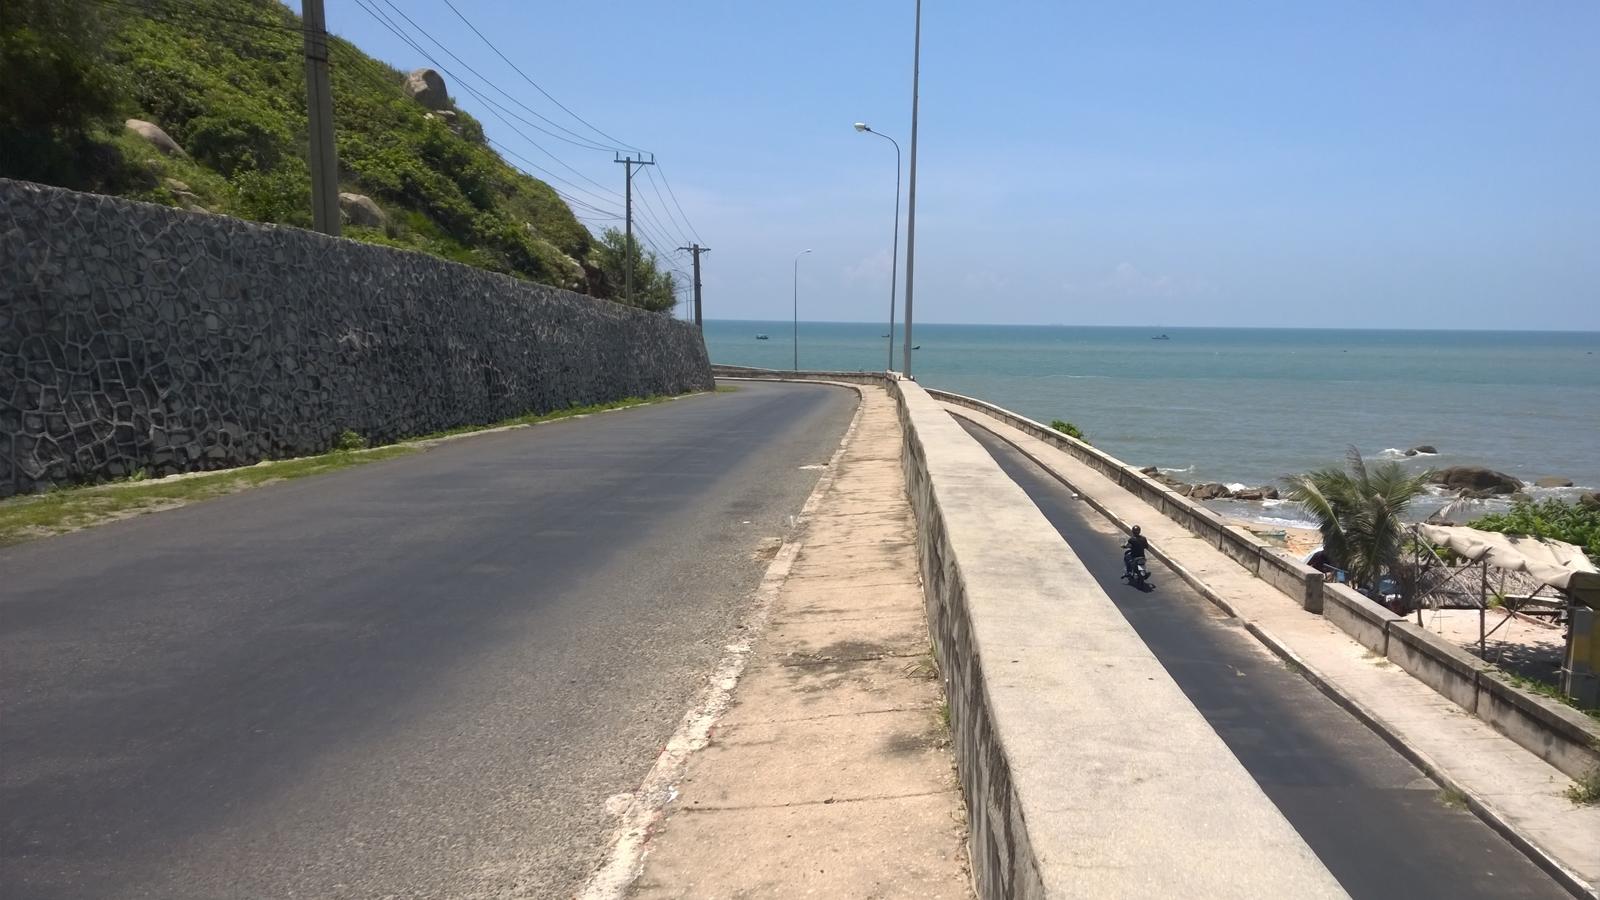 Đường ven biển đoạn Long Hải. Ảnh: Tiểu Duy